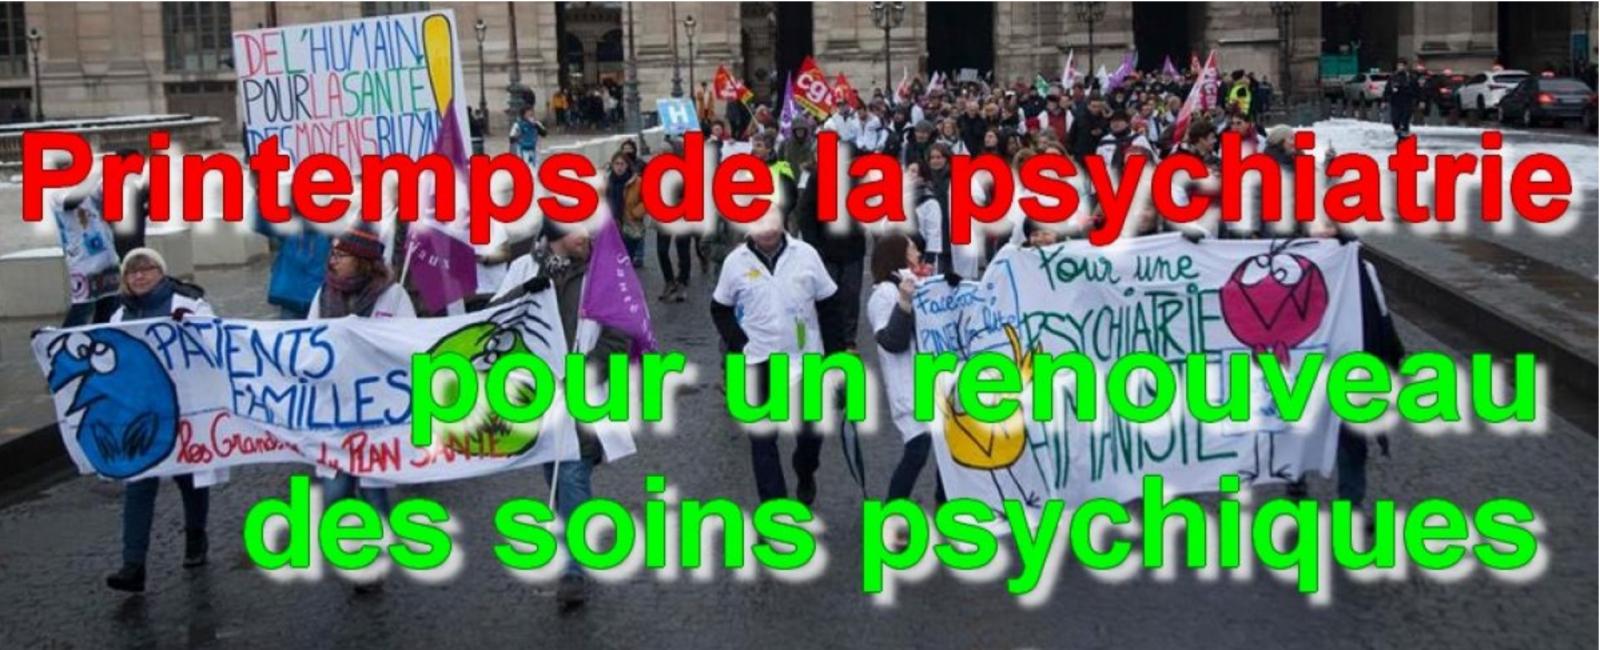 Le 21 mars, c'est aussi le printemps de la psychiatrie !